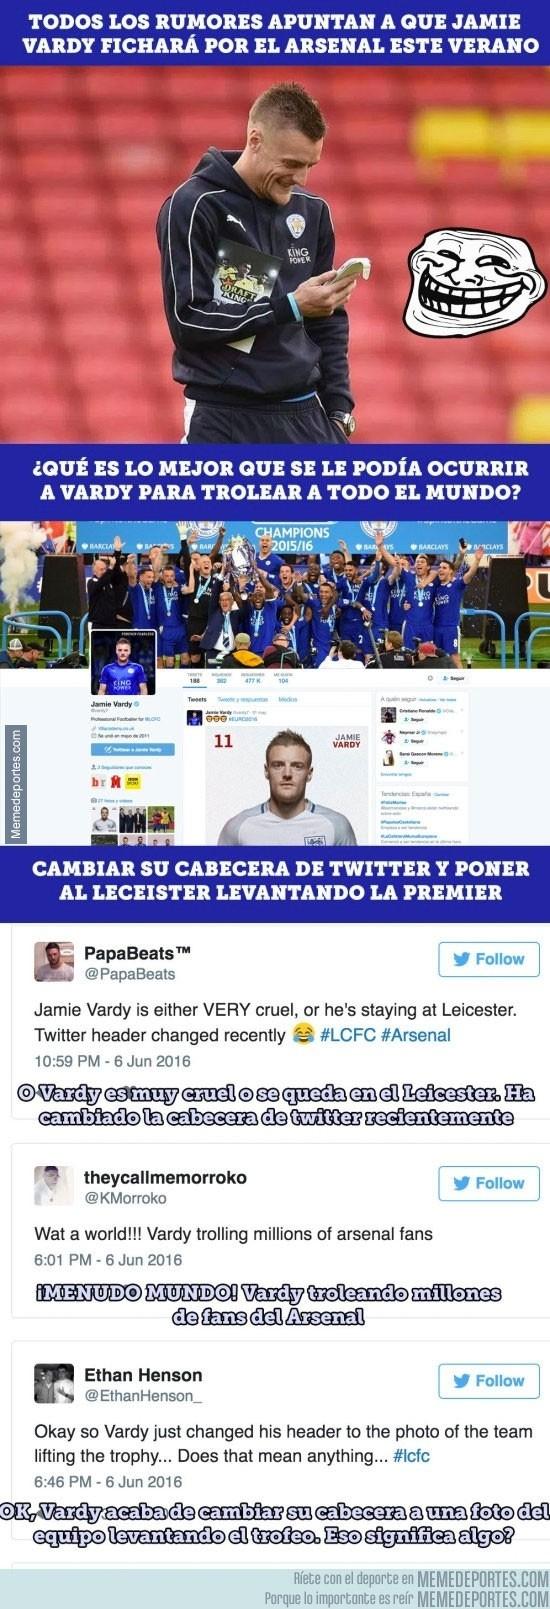 868608 - Vardy juega con los sentimientos de toda la Premier League en sus redes sociales